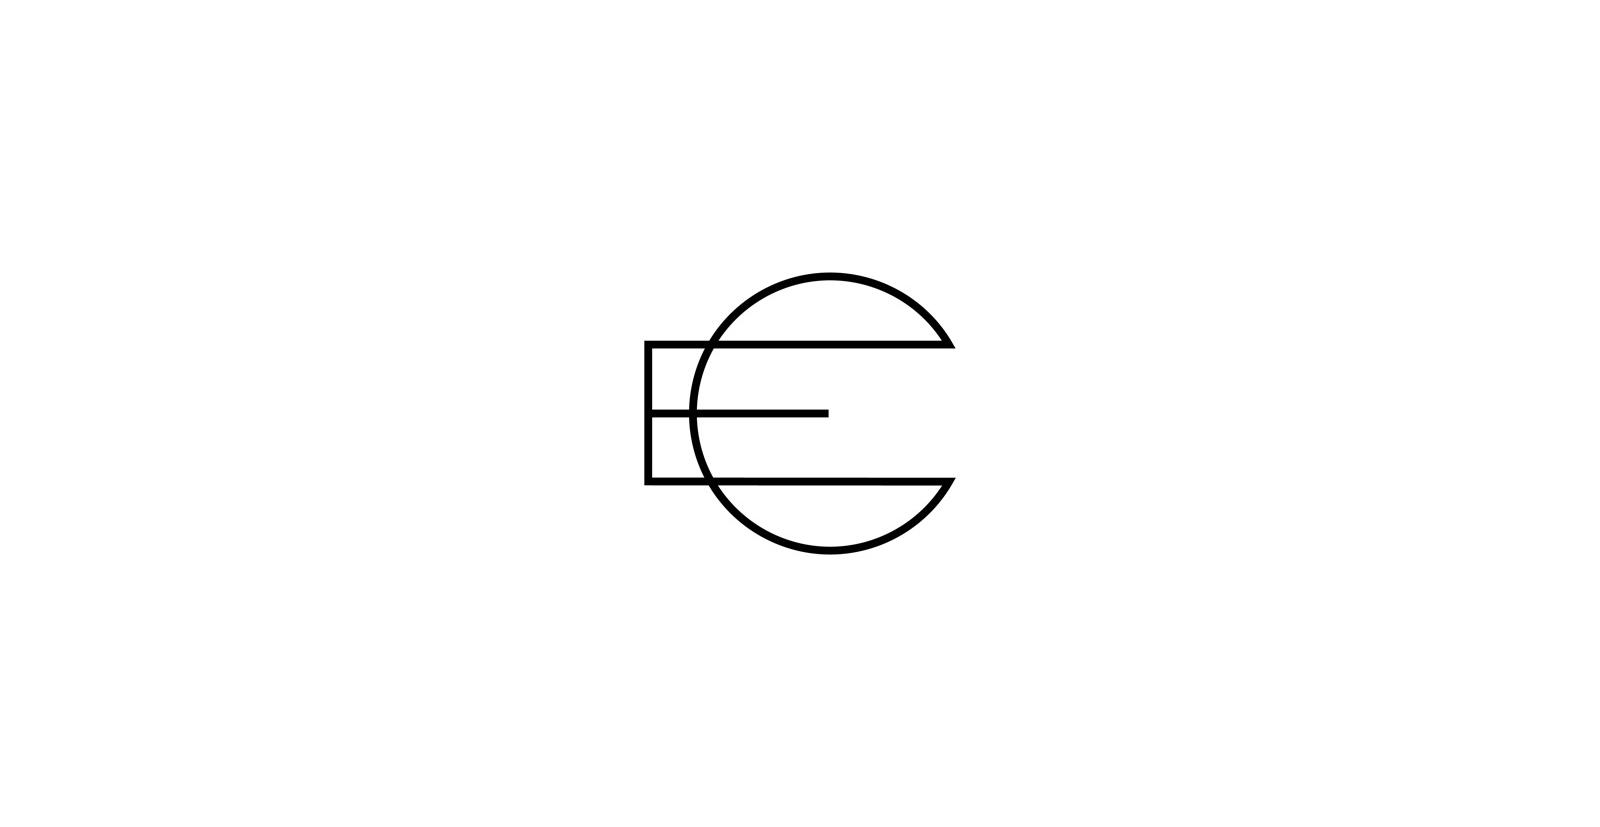 50_logos-36